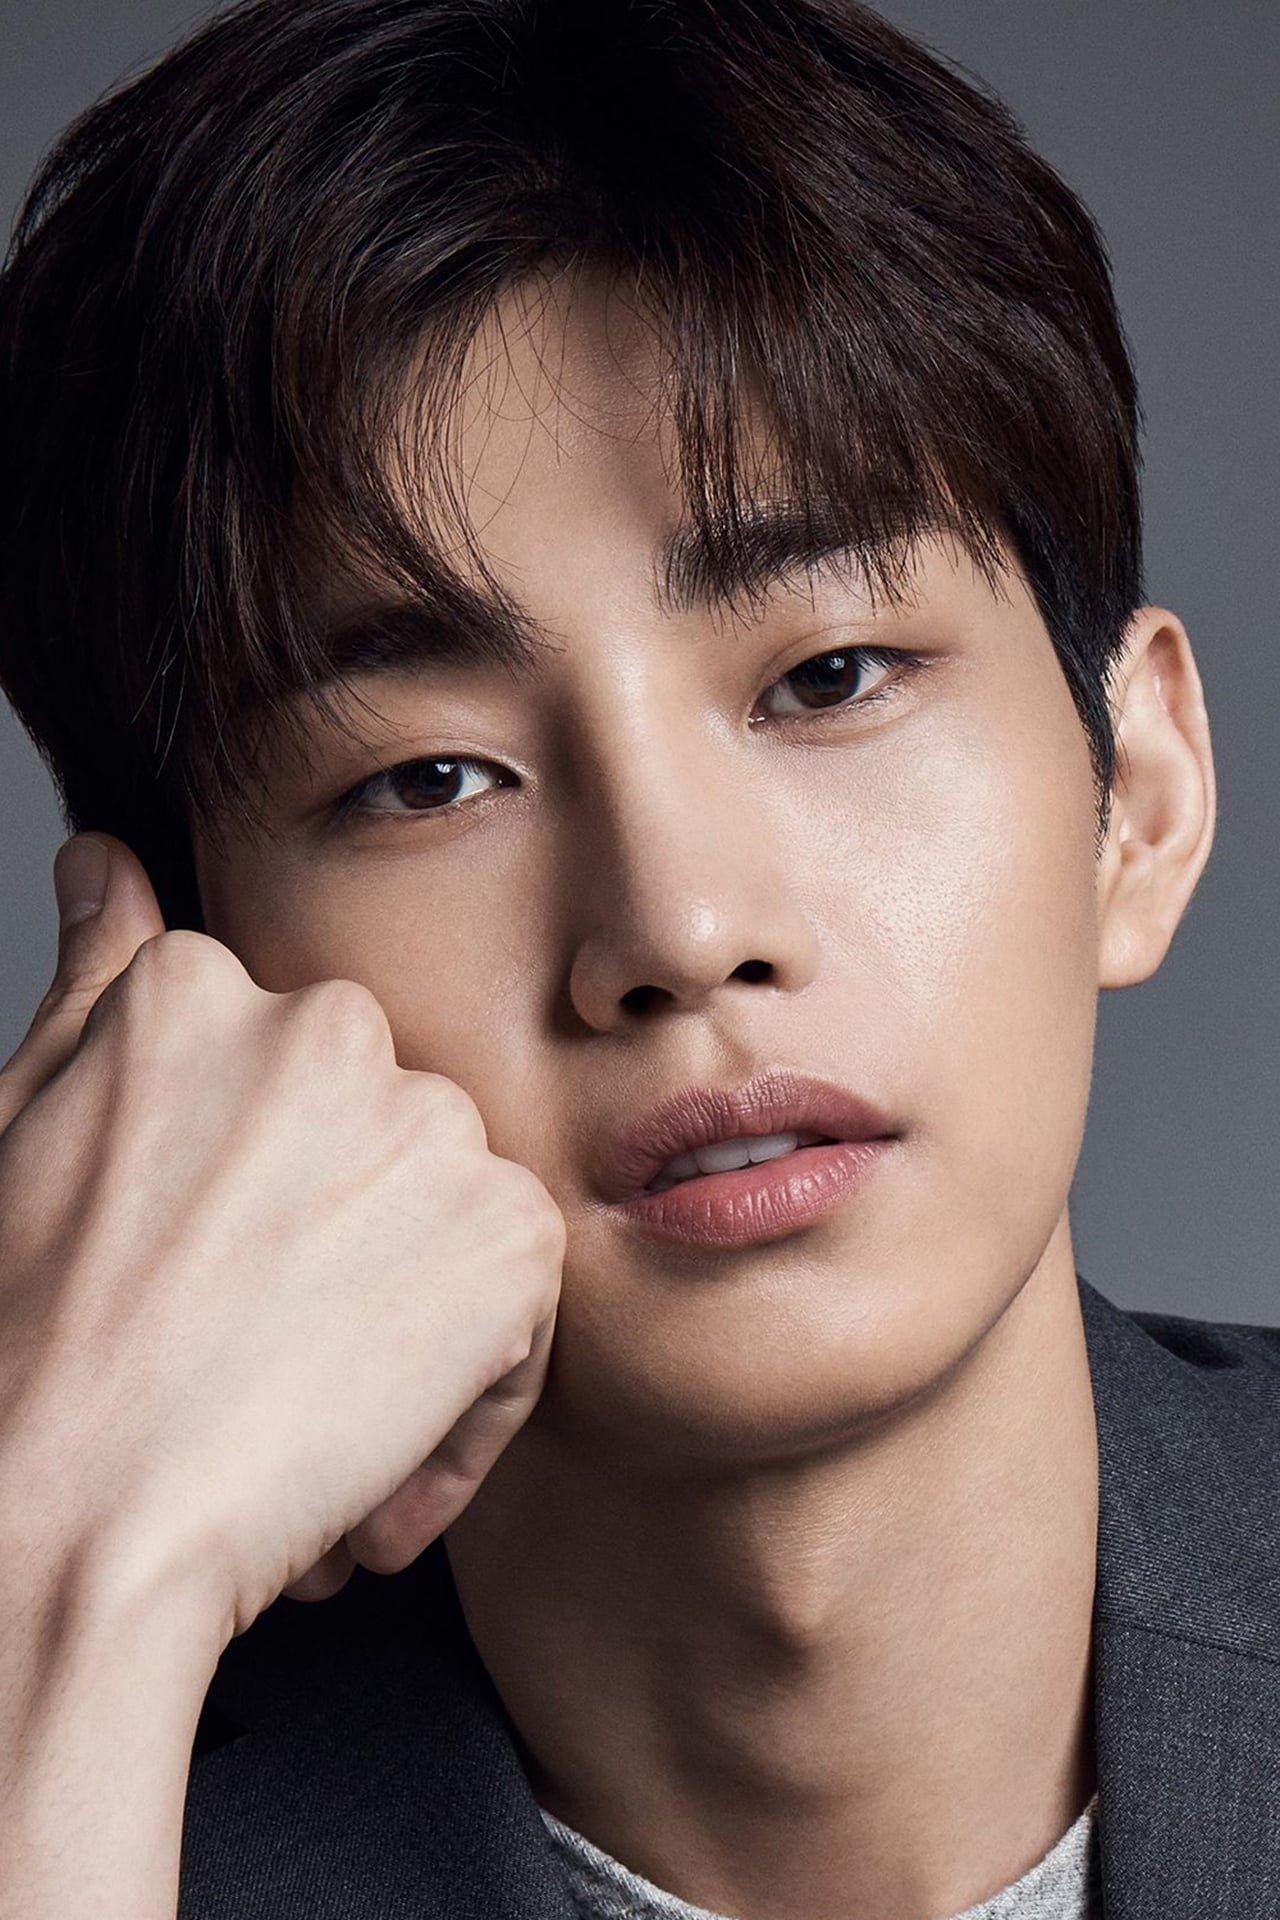 кончил, картинки корейских всех актеров лучше всего сохранившийся